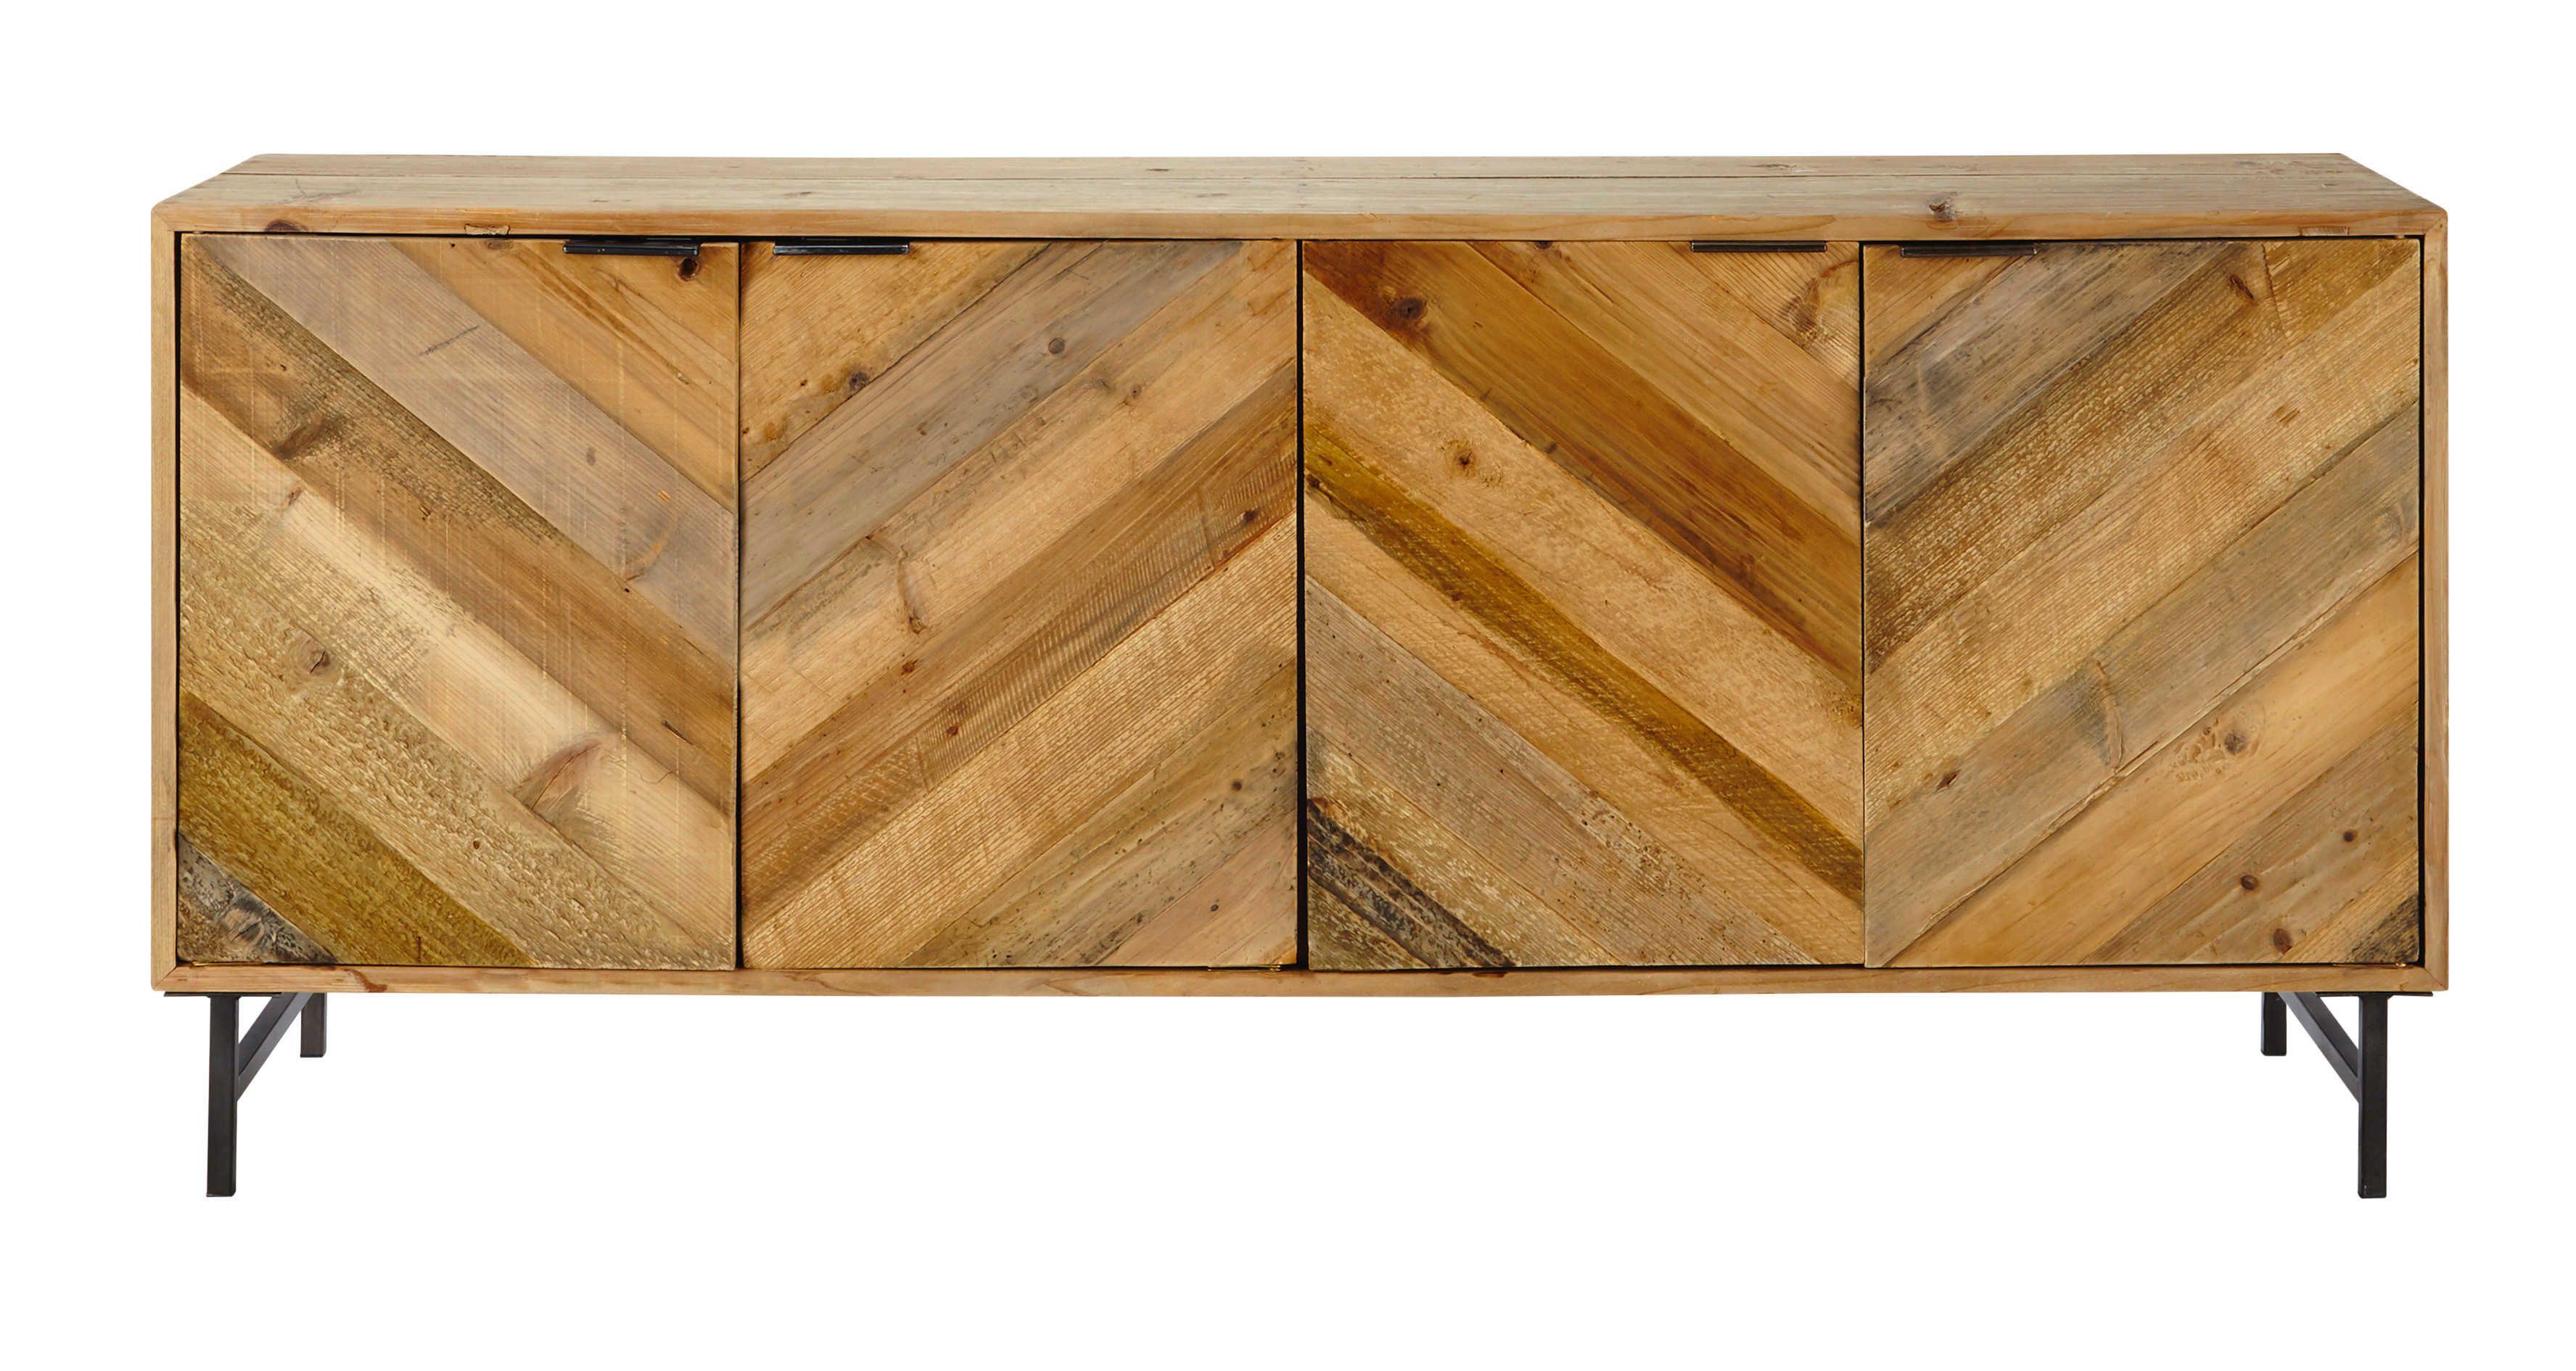 Credenza Bassa Fai Da Te : Credenza bassa in legno di pino riciclato l 175 cm chevron